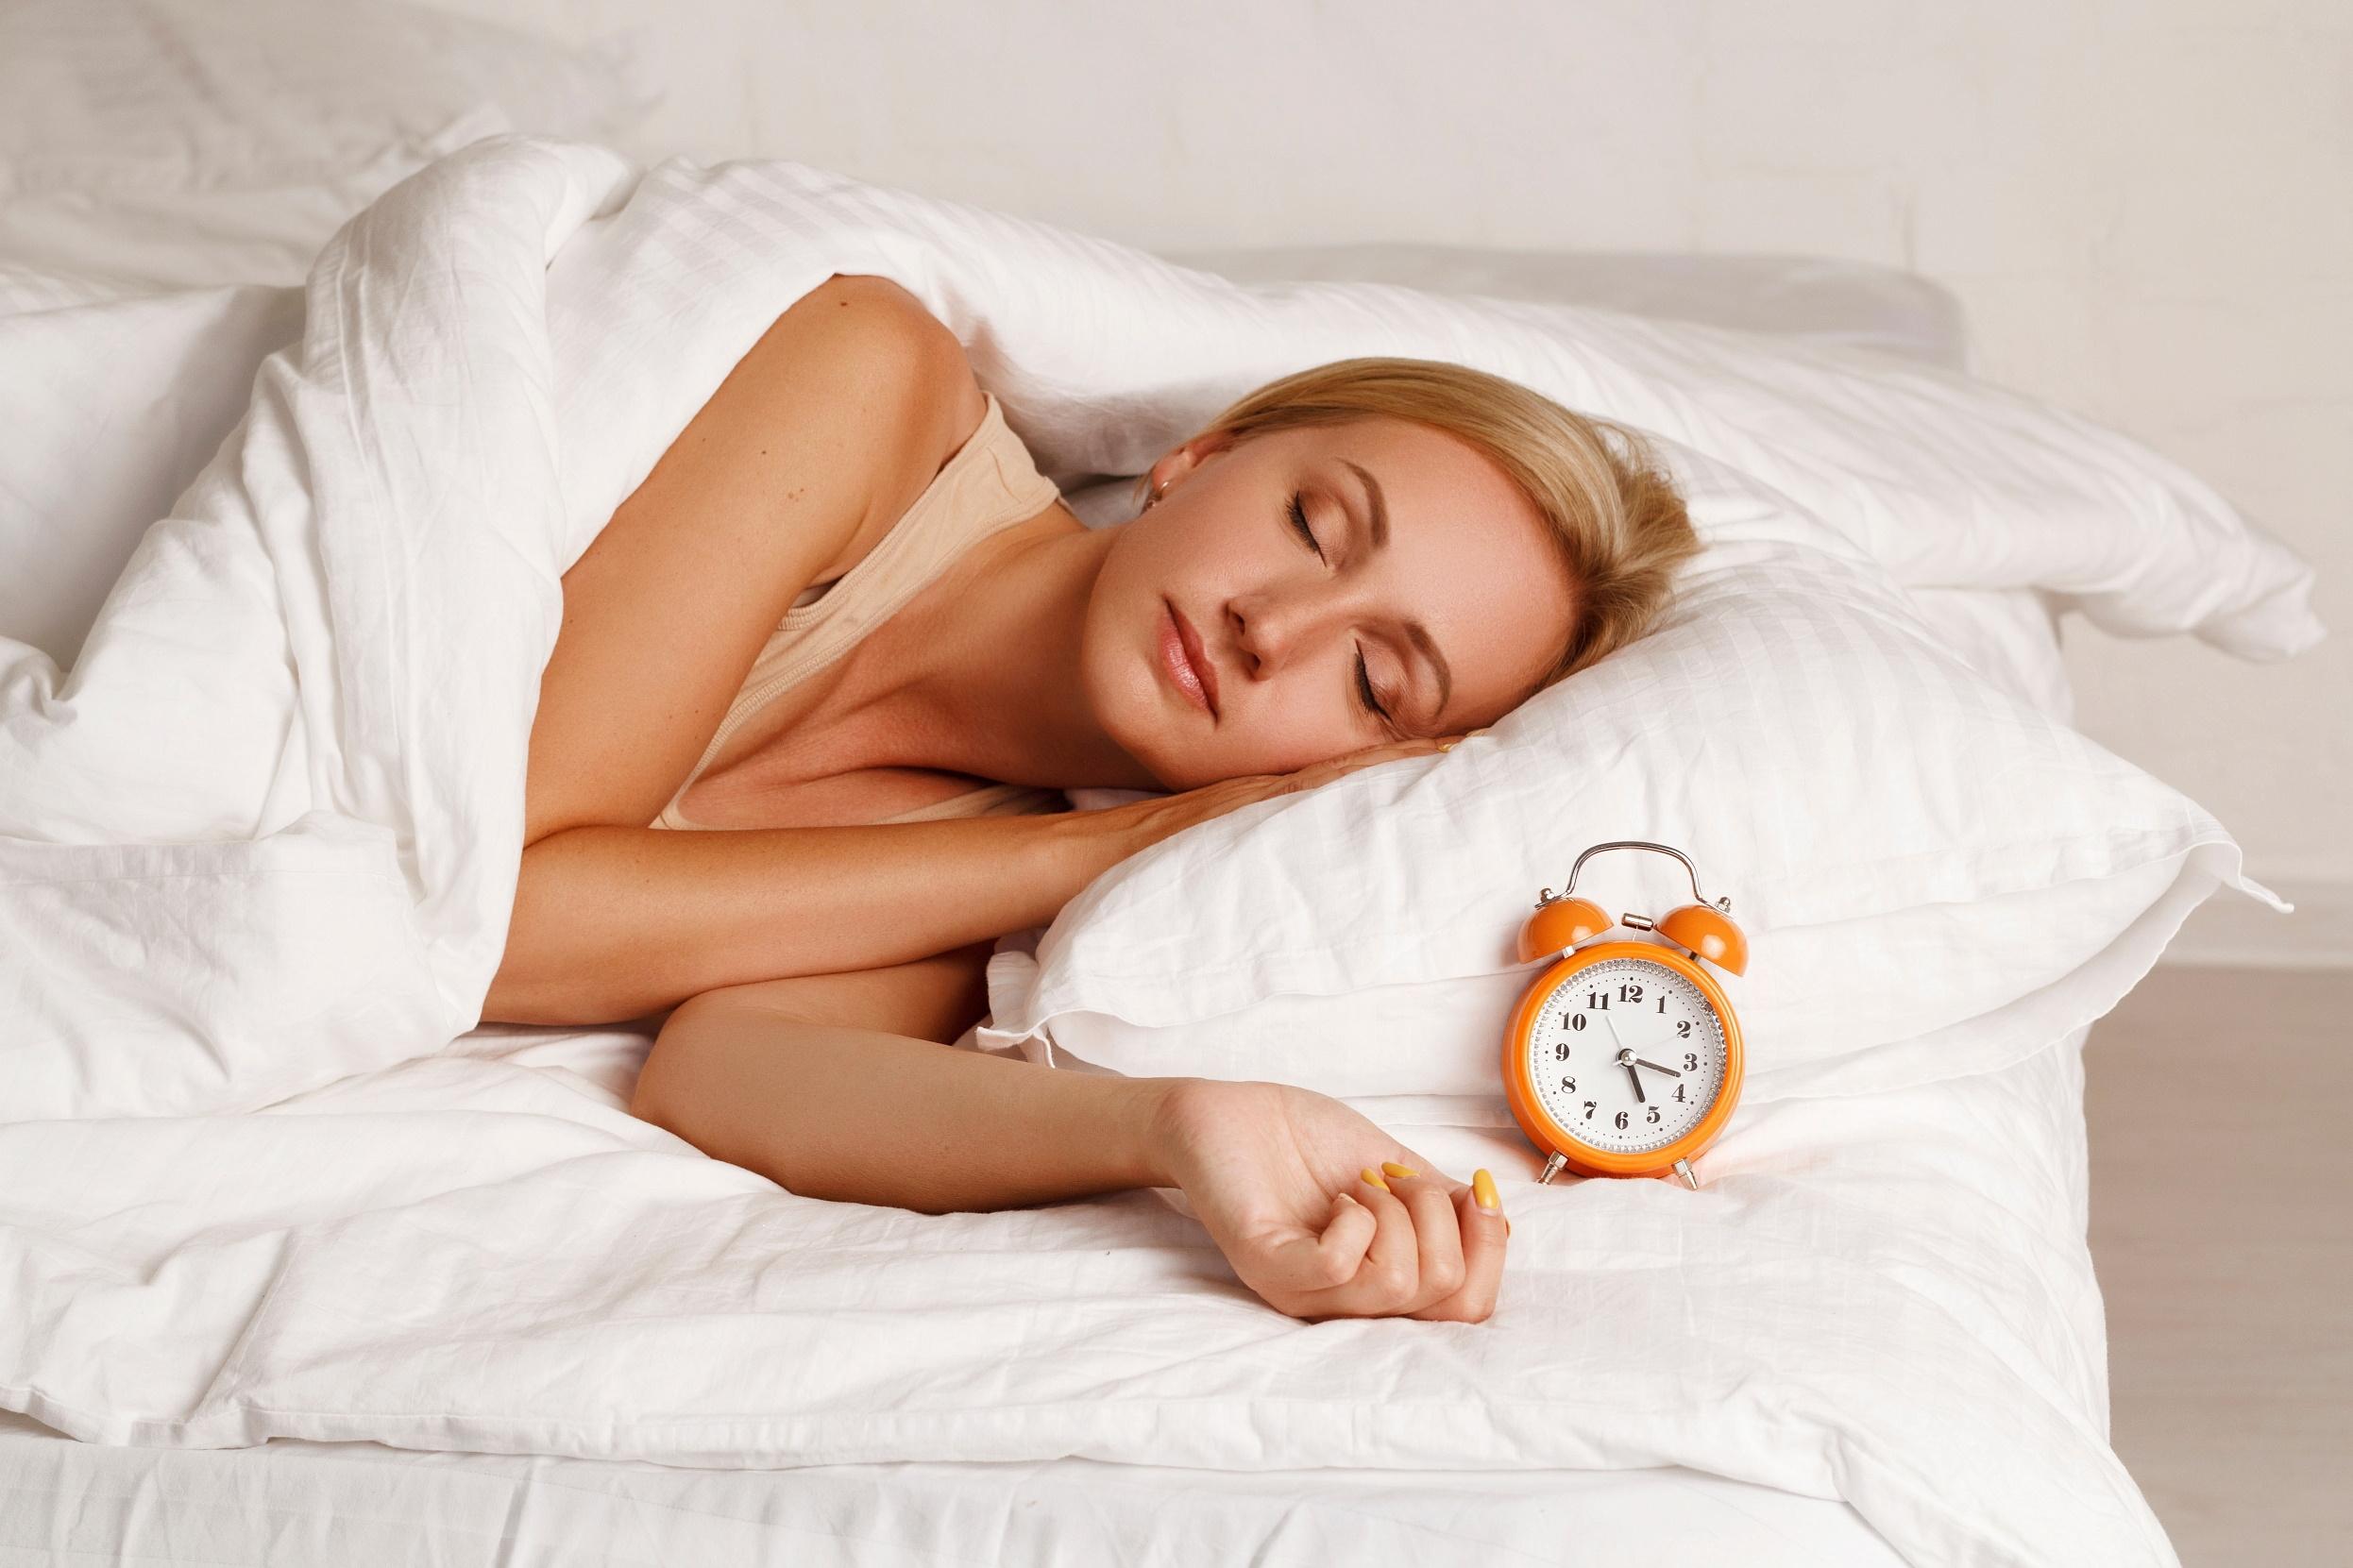 Studija: Lactobacillus plantarum smanjuje depresiju i poboljšava san kod osoba sa poremećajem spavanja